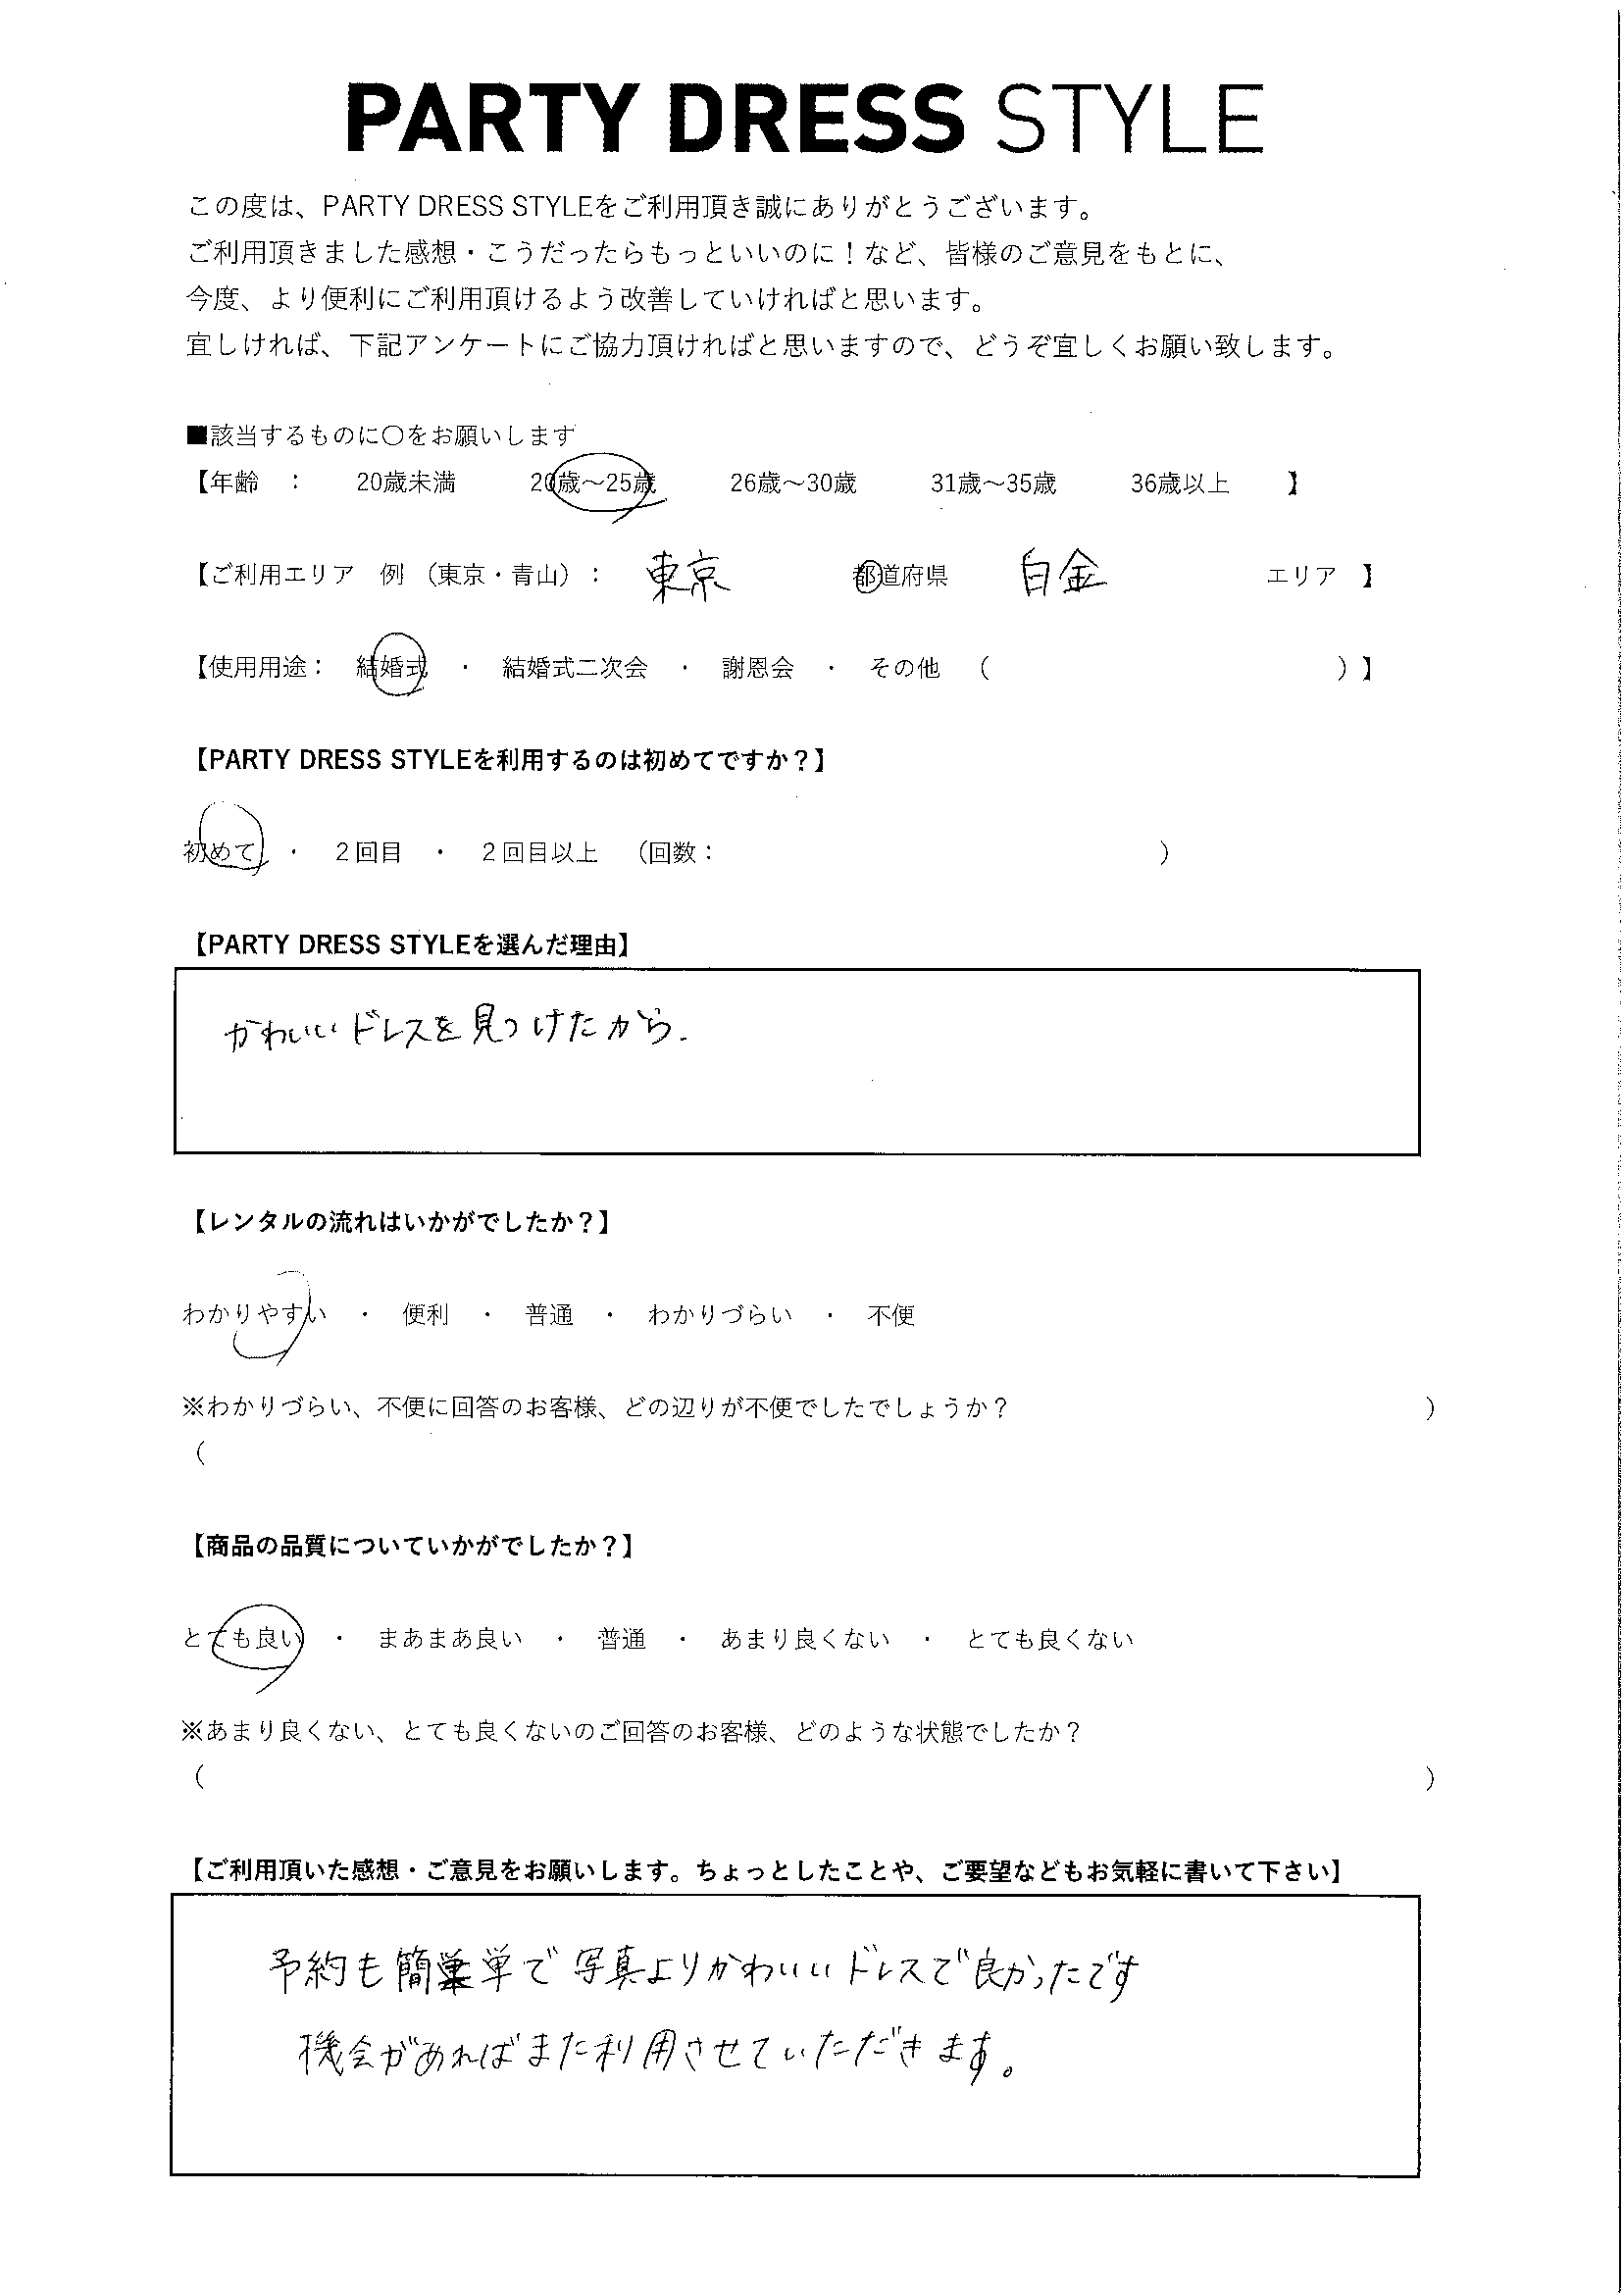 4/24結婚式ご利用 東京・白金エリア